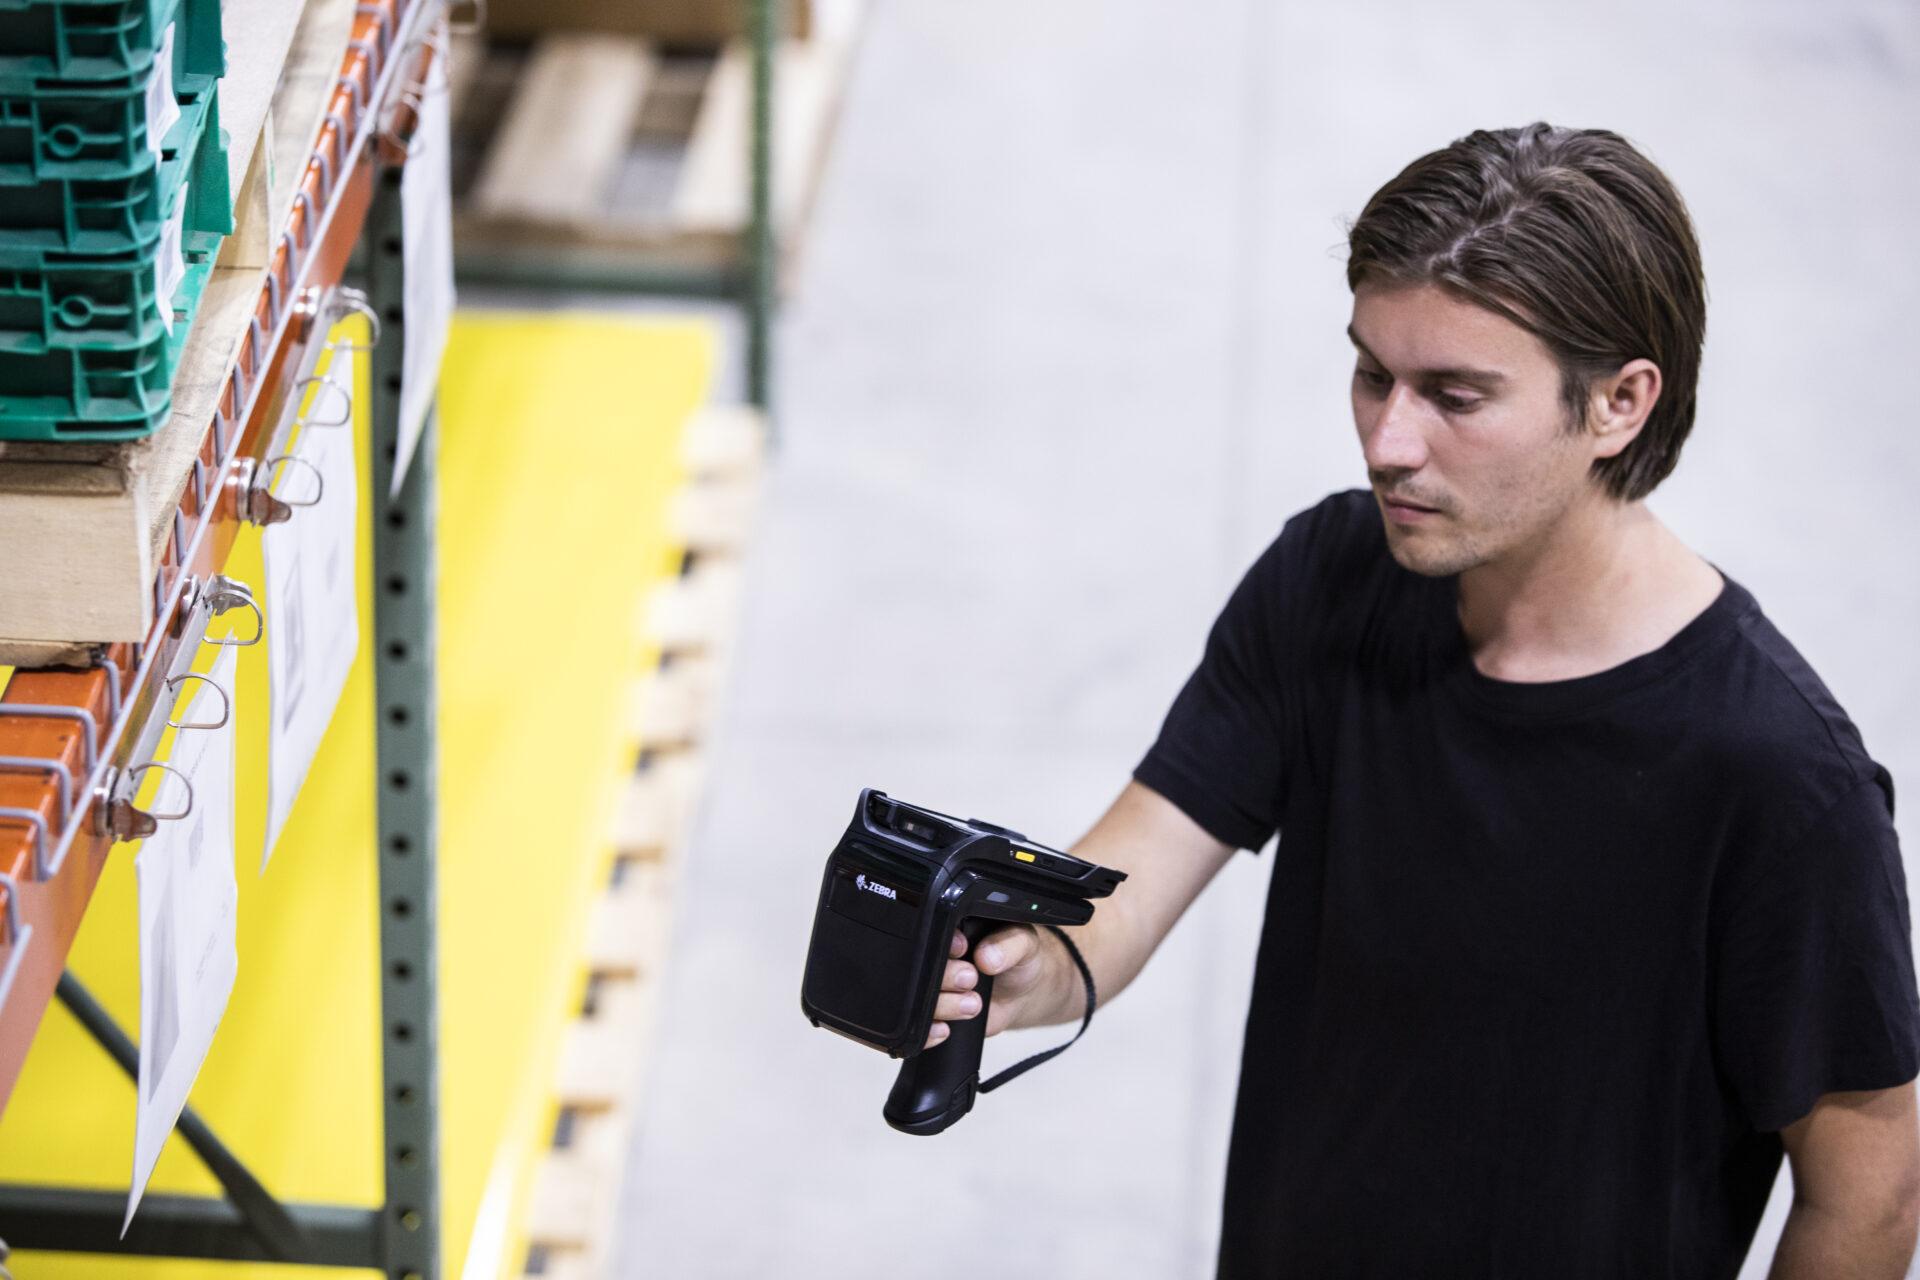 Worker using RFID scanner